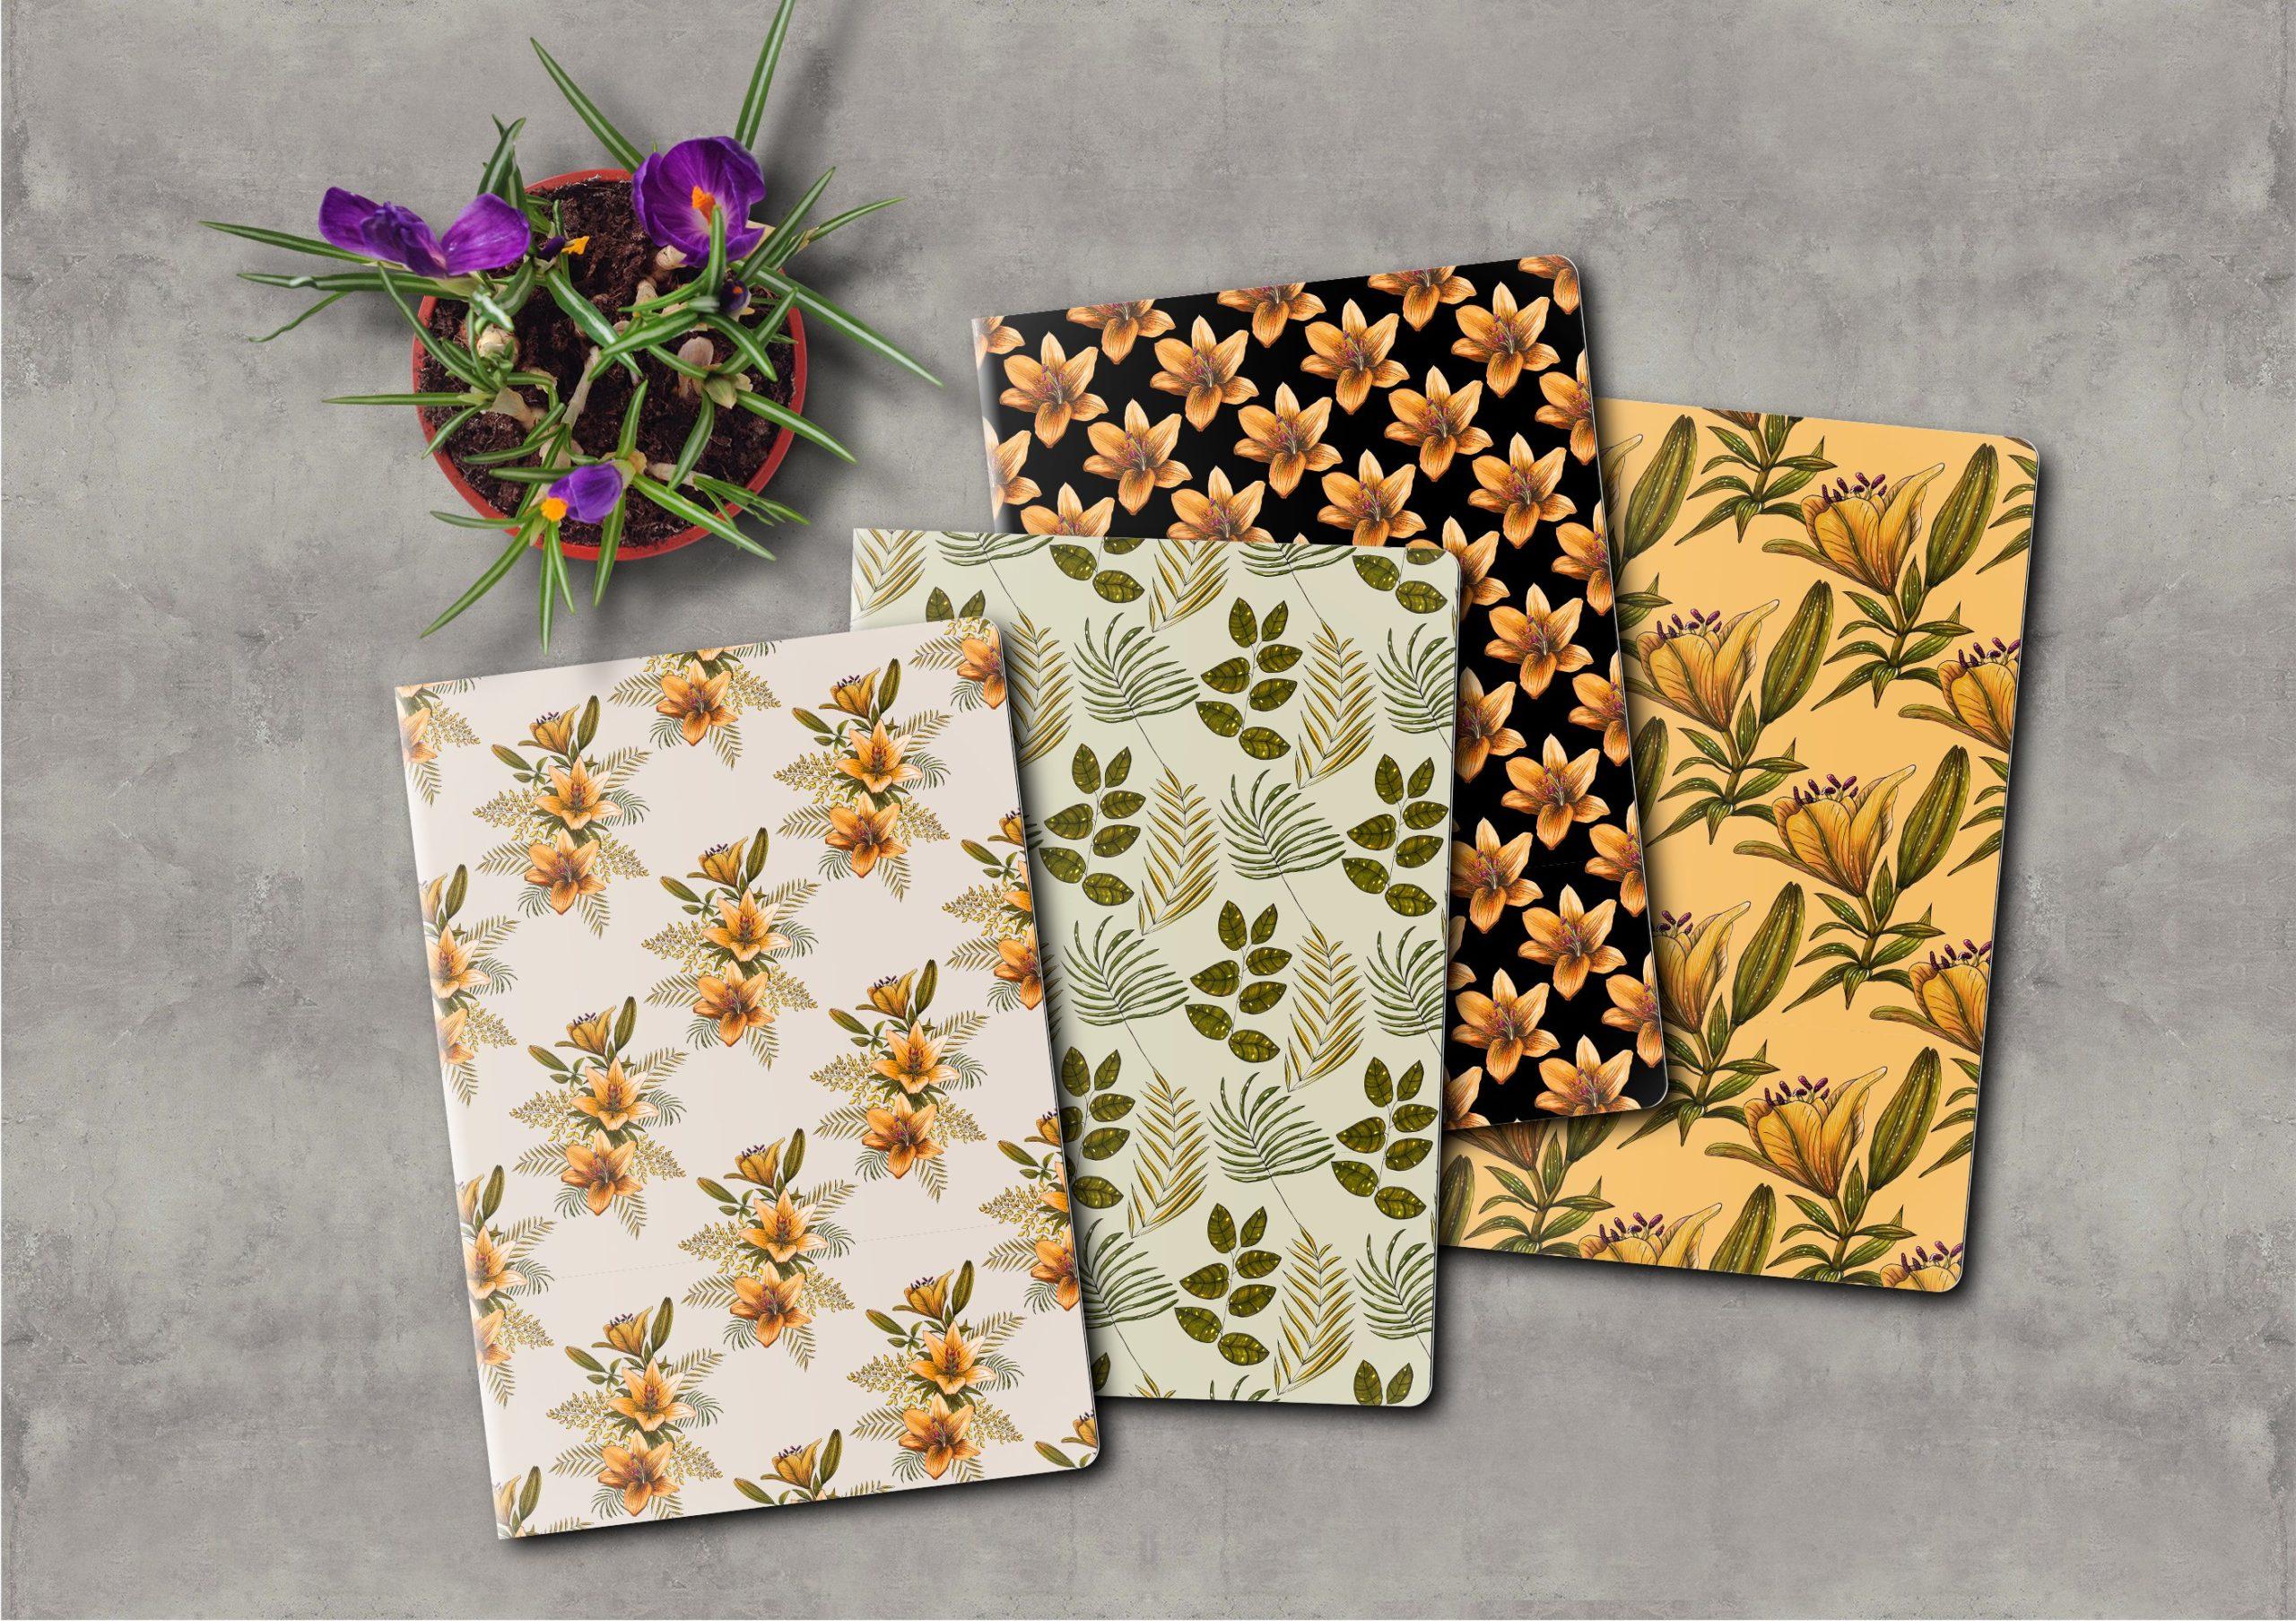 橙色无缝隙百合花手绘水彩画图片设计素材 Orange Lilies. Patterns and Postcards插图12